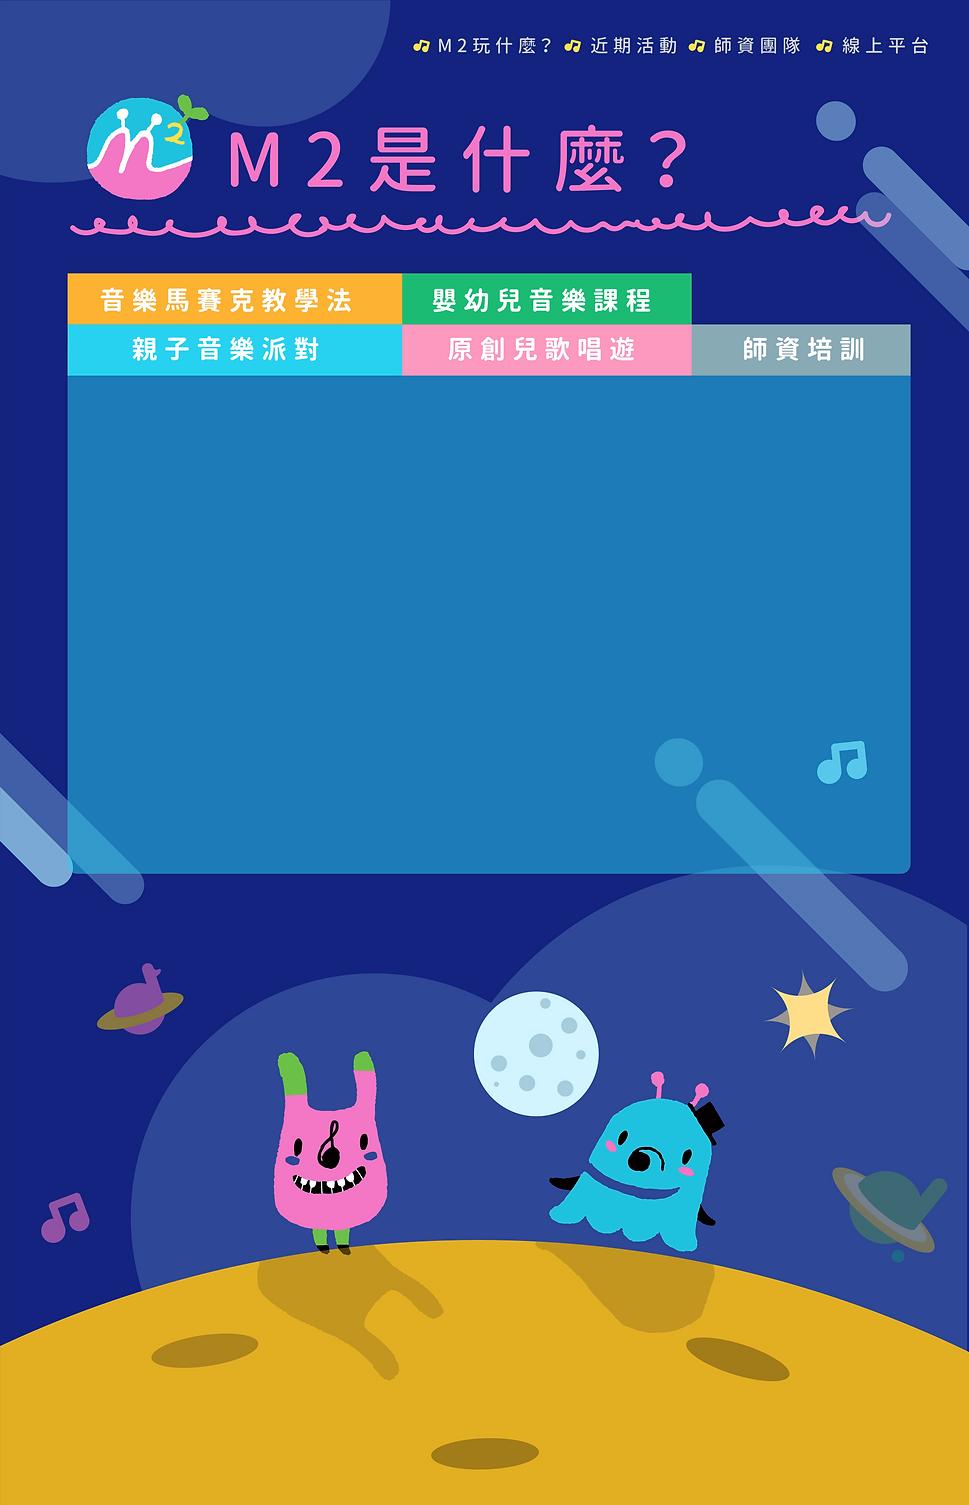 音樂星球網站更新 (1)_親子音樂派對.png